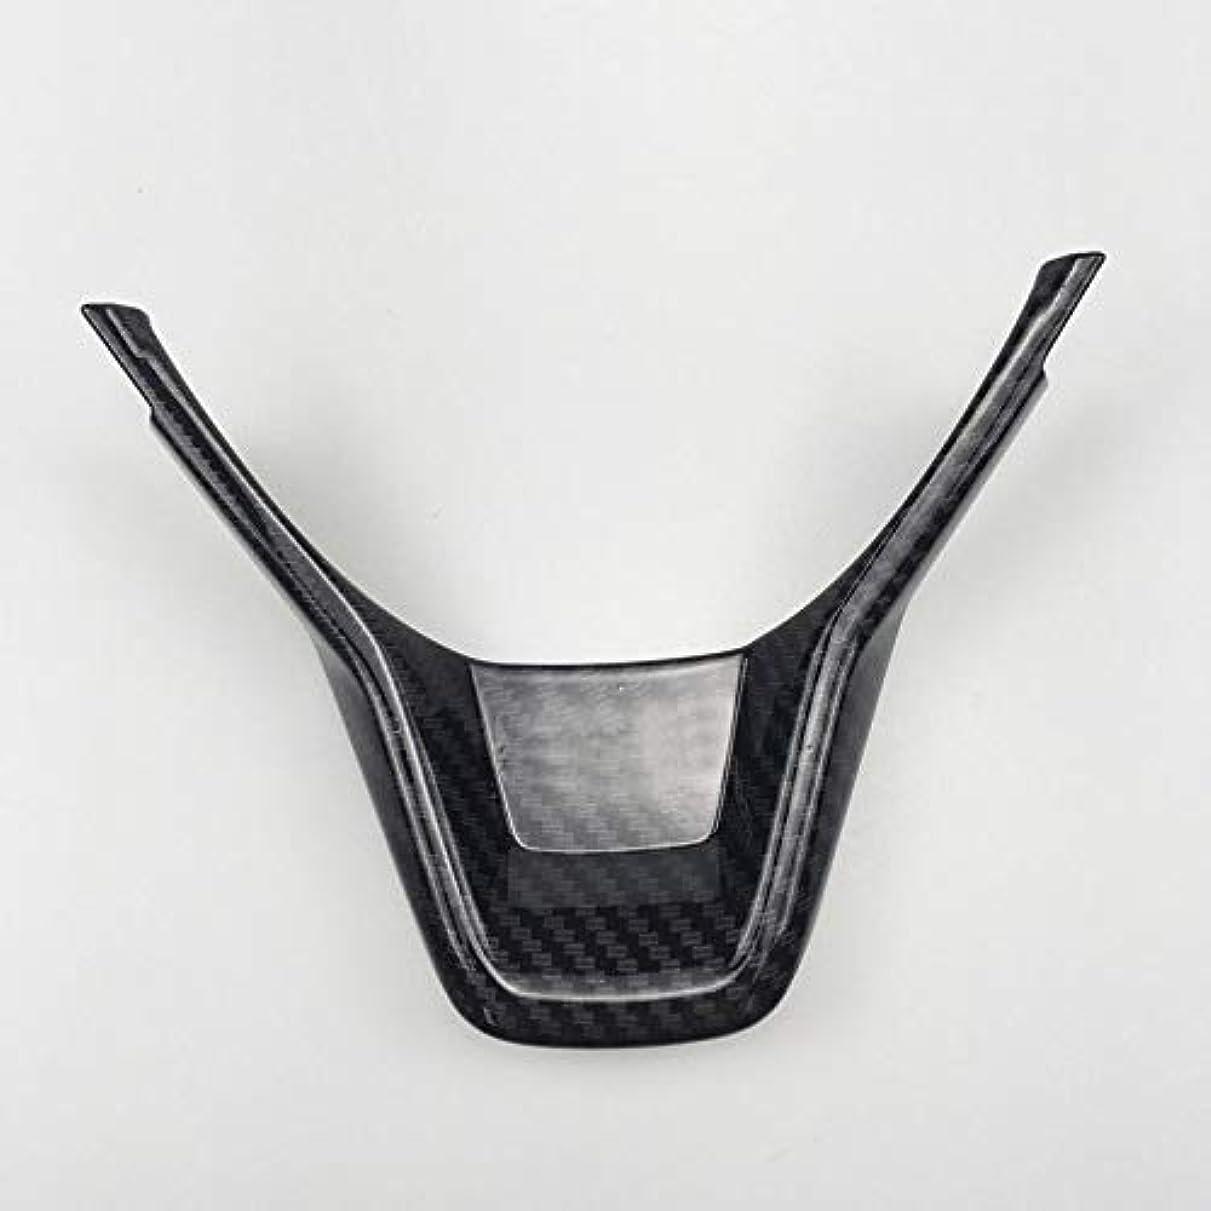 ダーベビルのテス放つ敵Jicorzo - Carbon Fiber Style ABS Car Interior Steering Wheel Cover Trim for Honda Accord 2018 Car Interior Accessories Styling